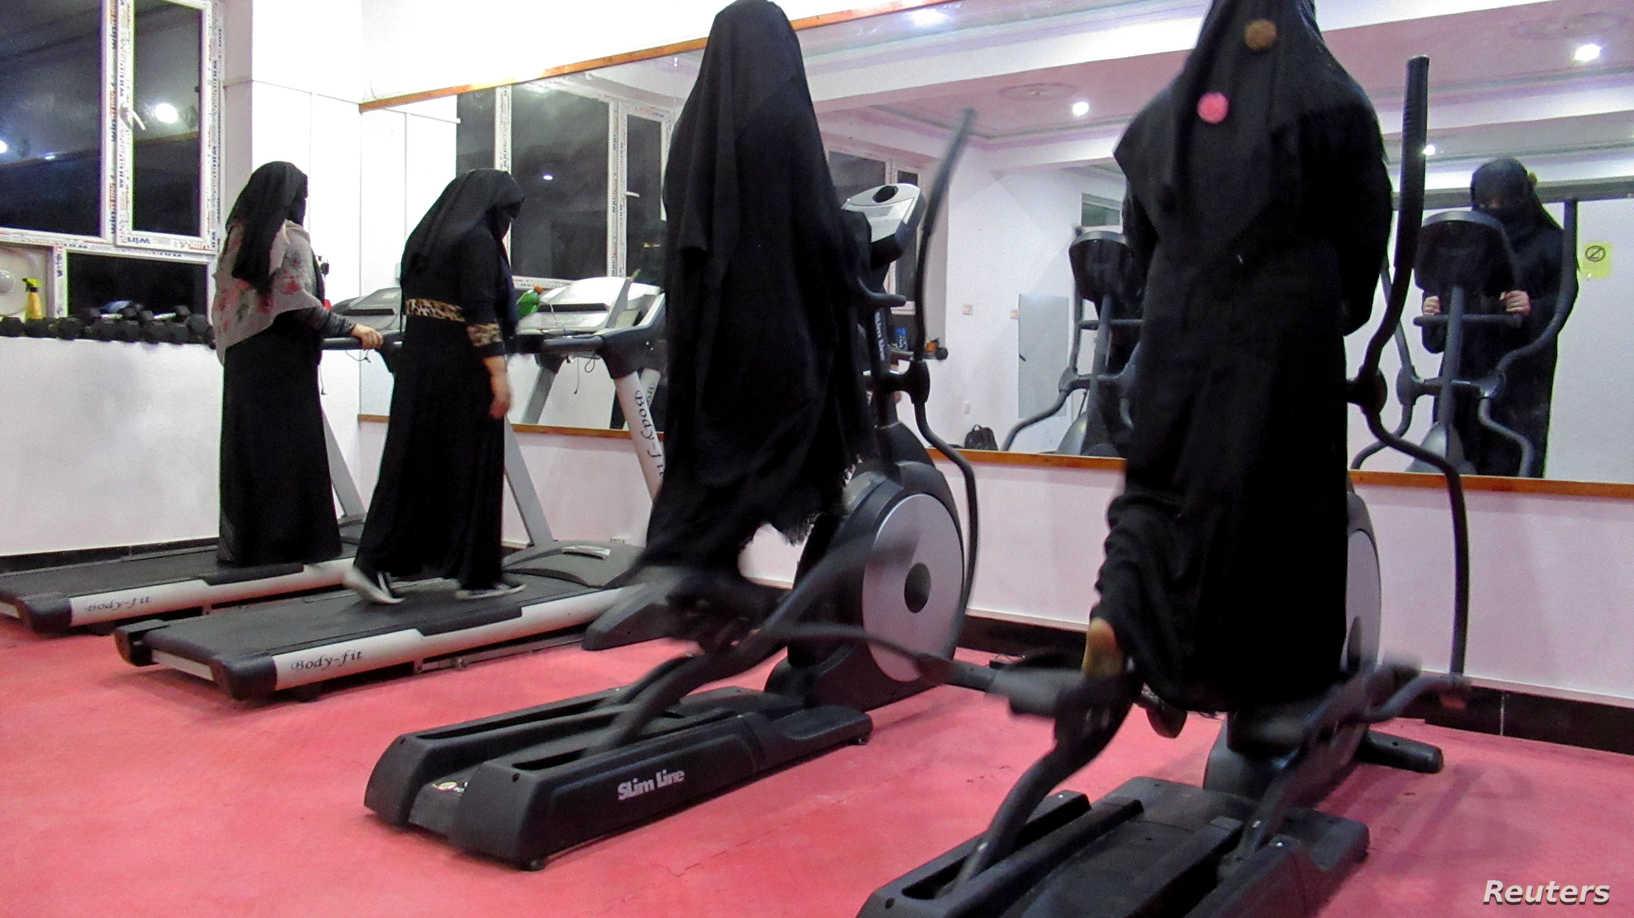 افغانية تكسر المحظور وتفتتح صالة رياضية بأحد أكثر الأماكن تشدداً في العالم